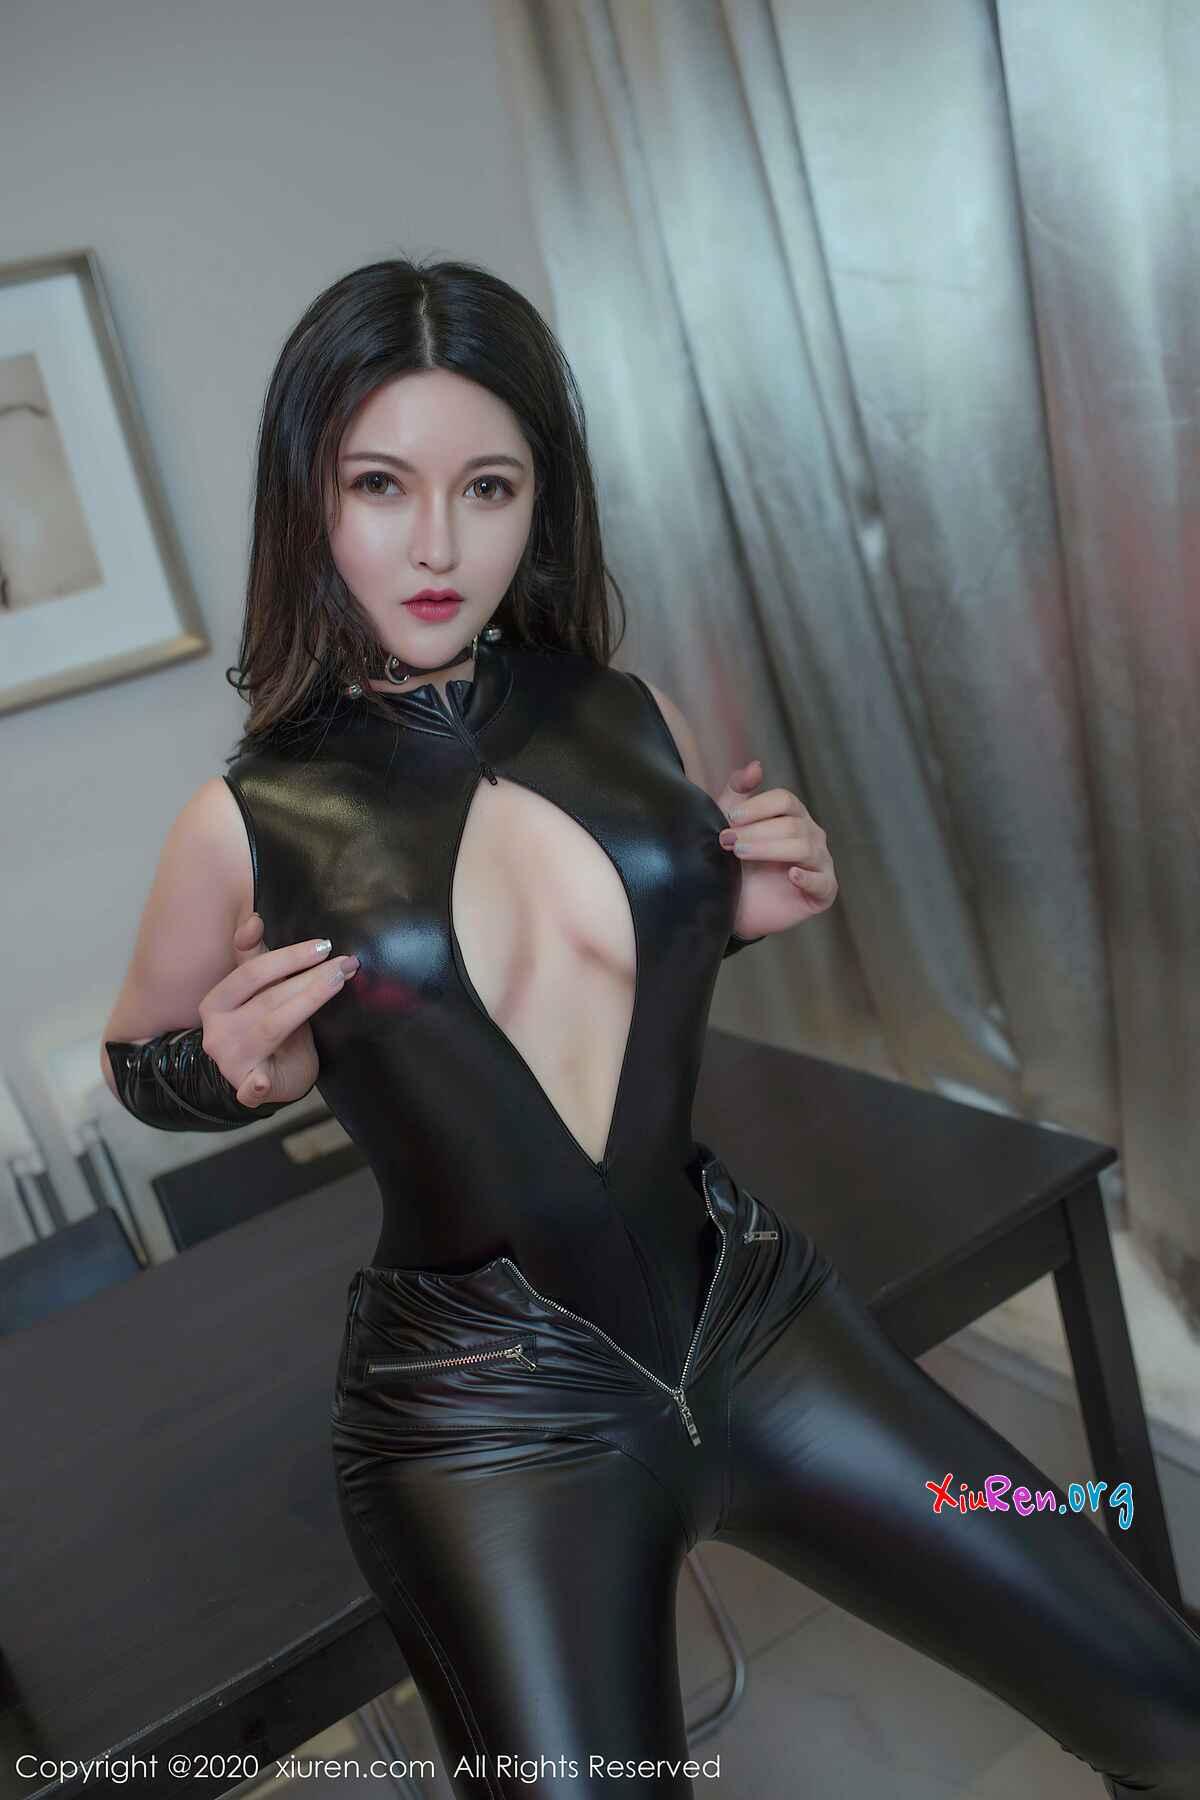 性感黑色緊身皮衣癢眼美照